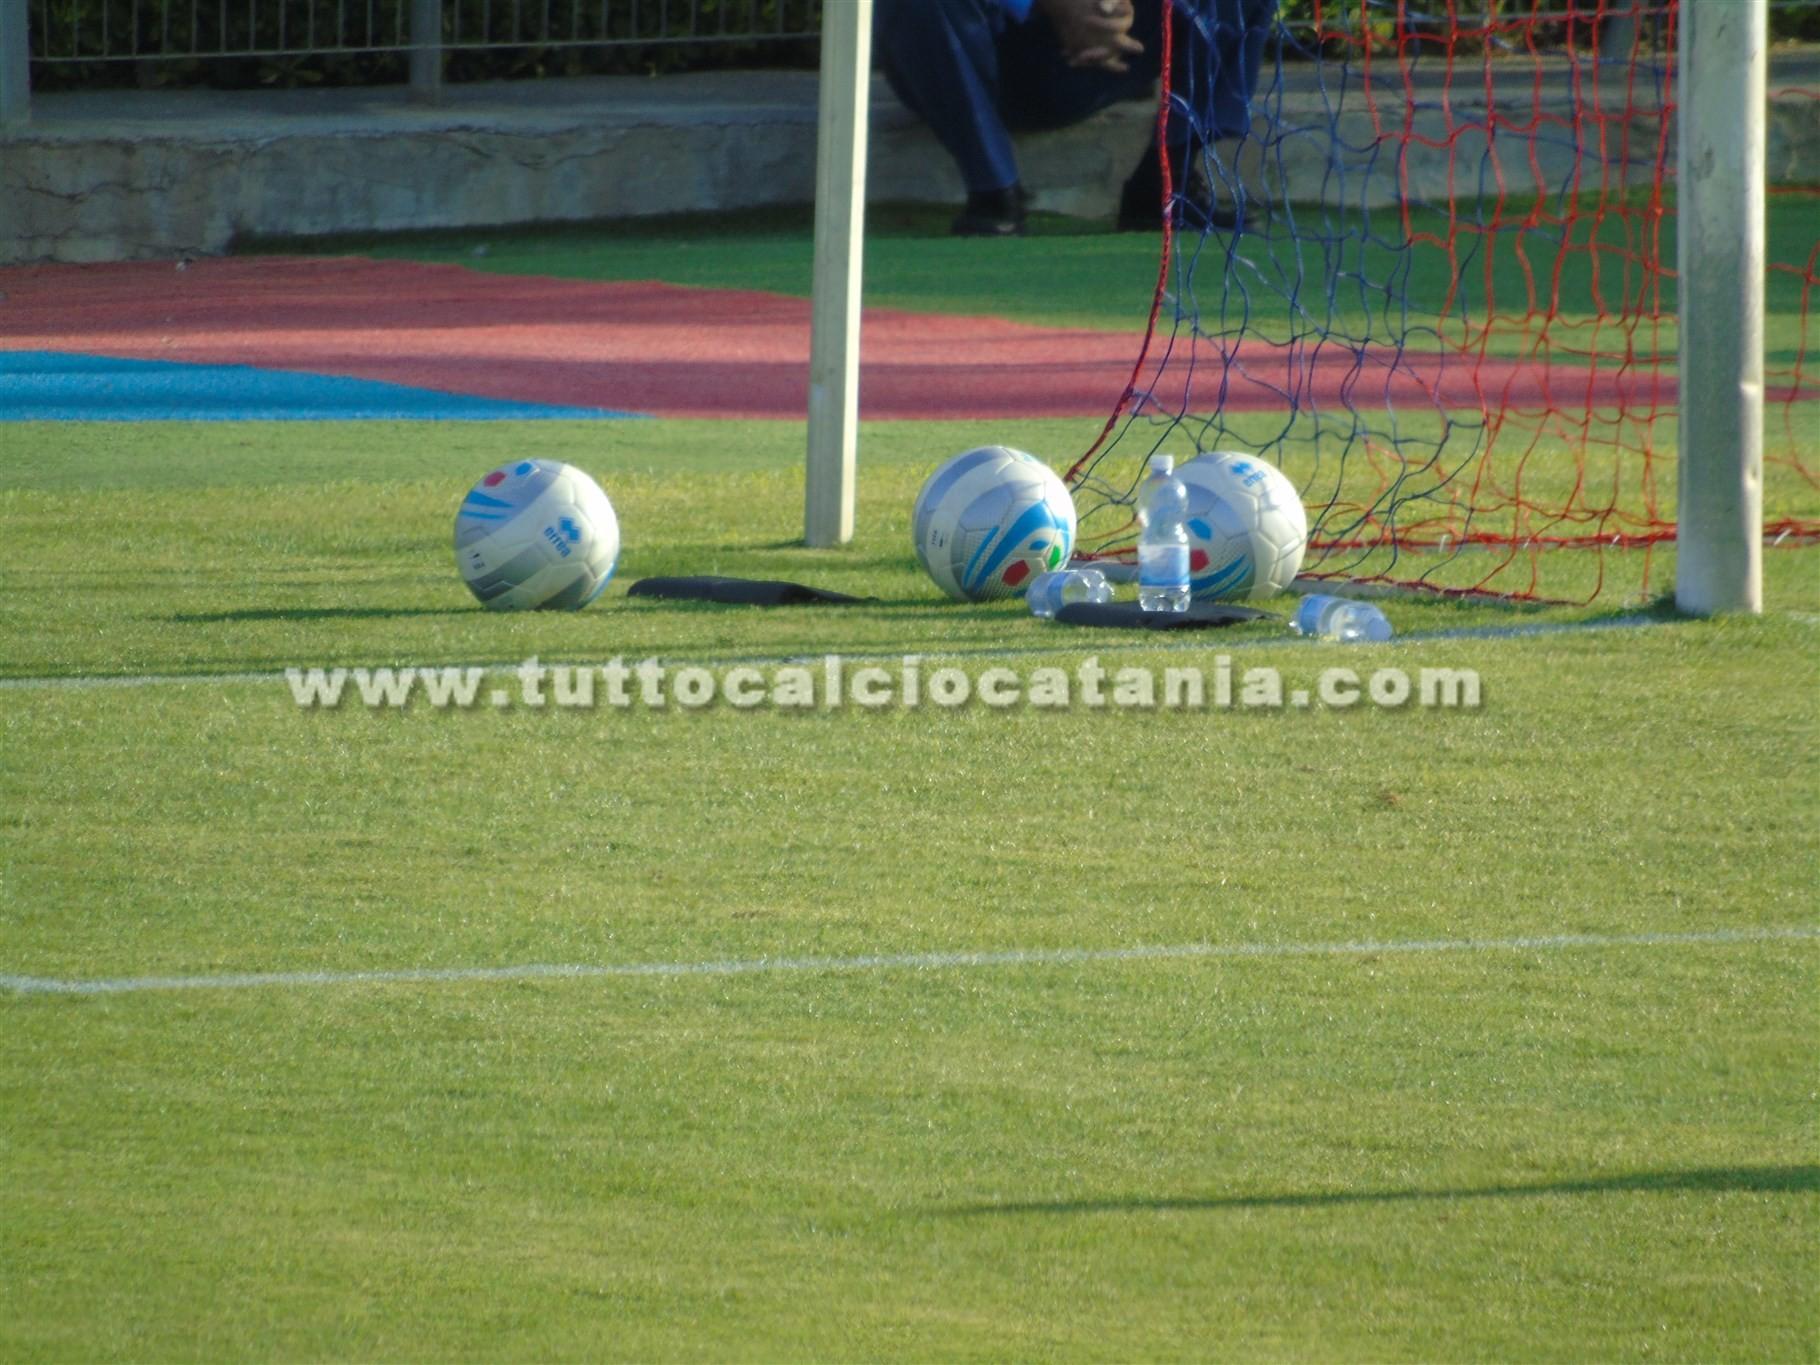 Calendario Serie C Catania.Ufficiale Serie C Date Ed Orari Prima Giornata Monopoli